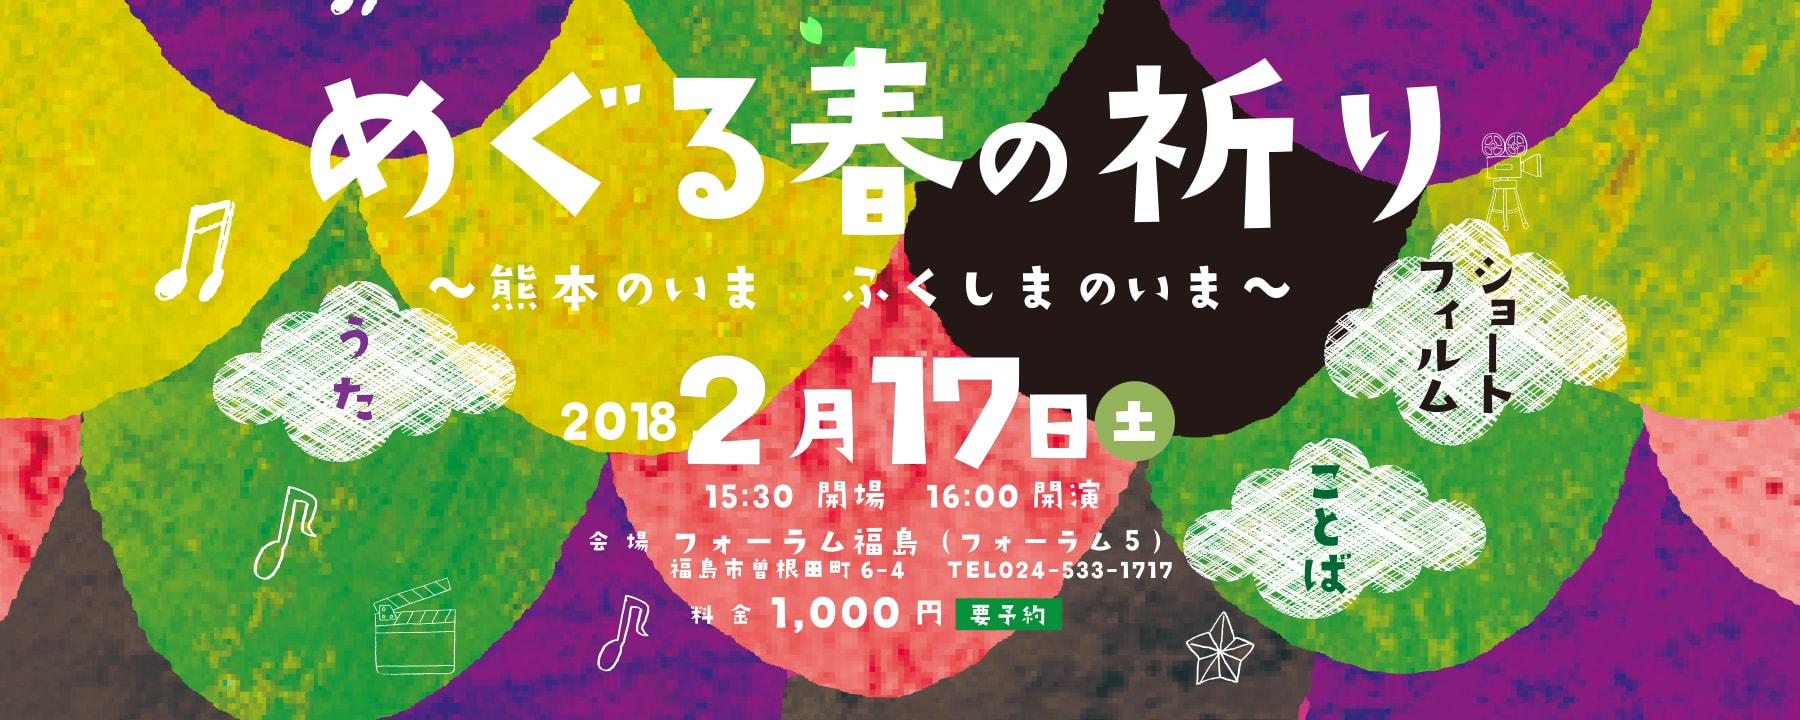 2018年2月17日(土)未来の祀りカフェ.vol4(通算9回目)「めぐる春の祈り~熊本のいま ふくしまのいま~」参加者募集中です!